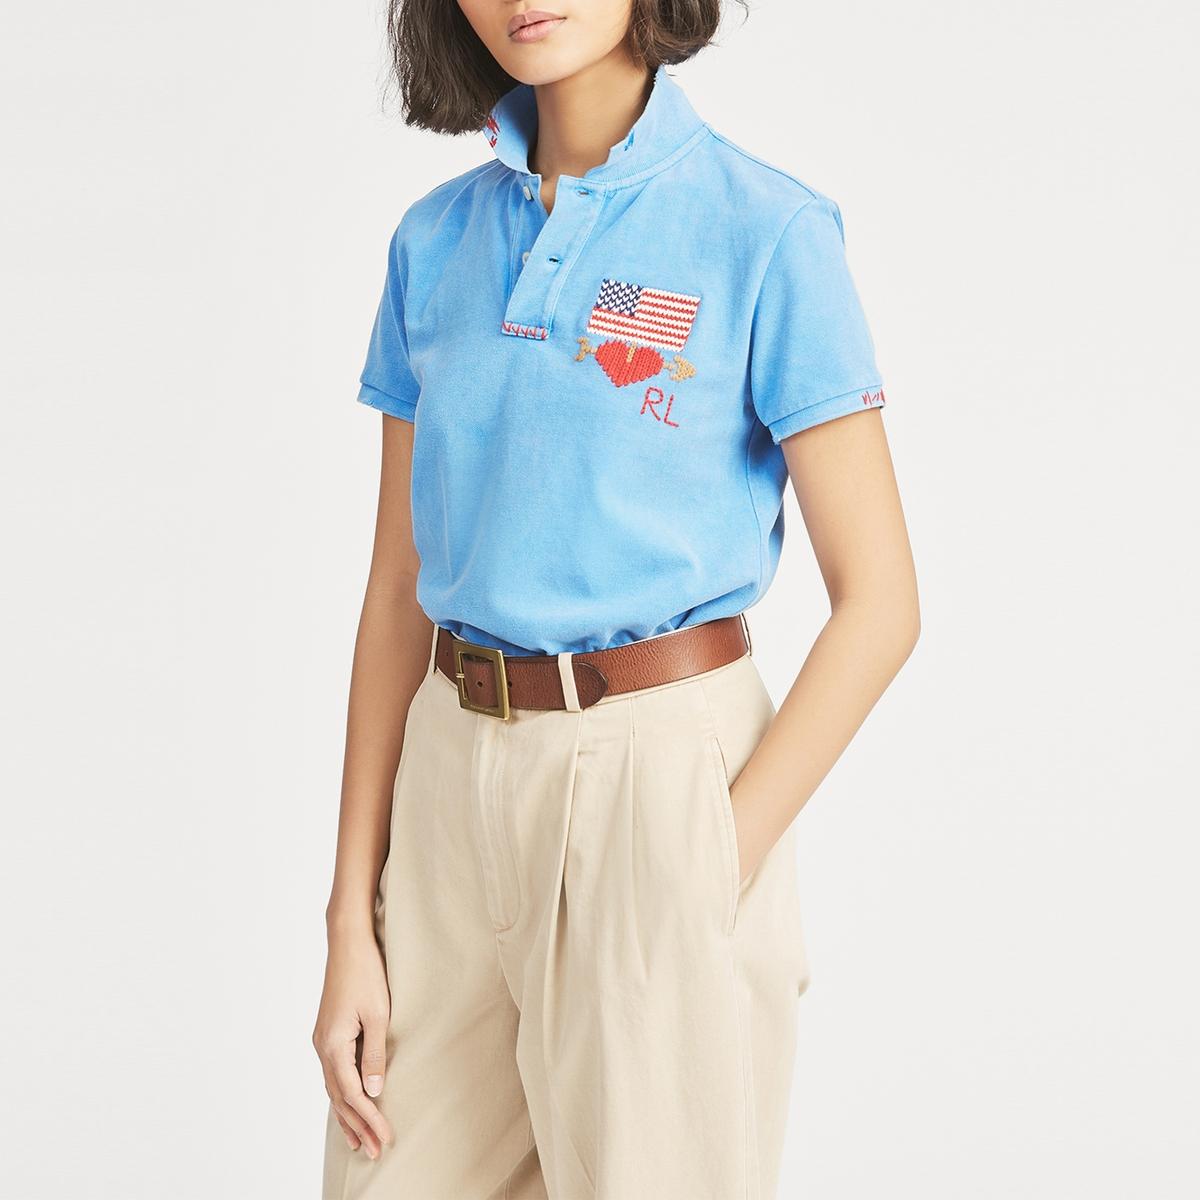 Футболка-поло La Redoute С короткими рукавами S синий футболка поло la redoute с короткими рукавами xs белый